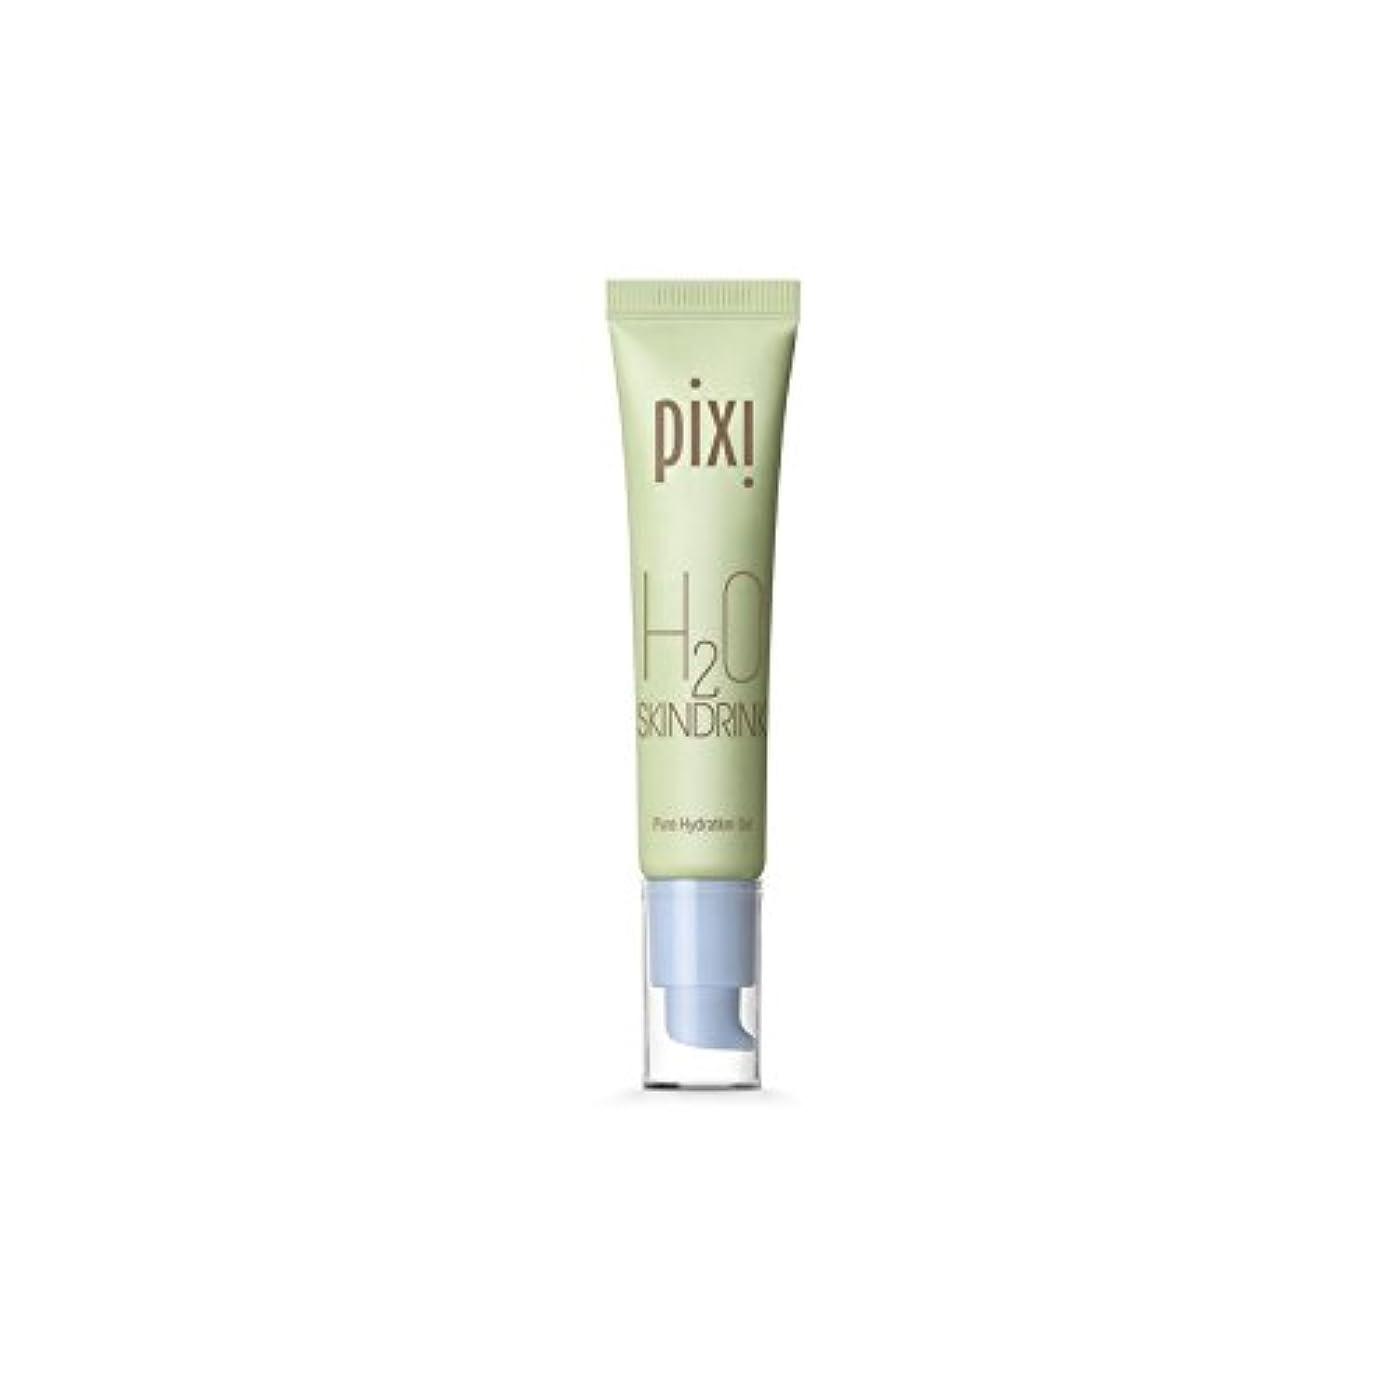 初心者まぶしさ我慢するPixi H20 Skin Drink (Pack of 6) - 20スキンドリンク x6 [並行輸入品]